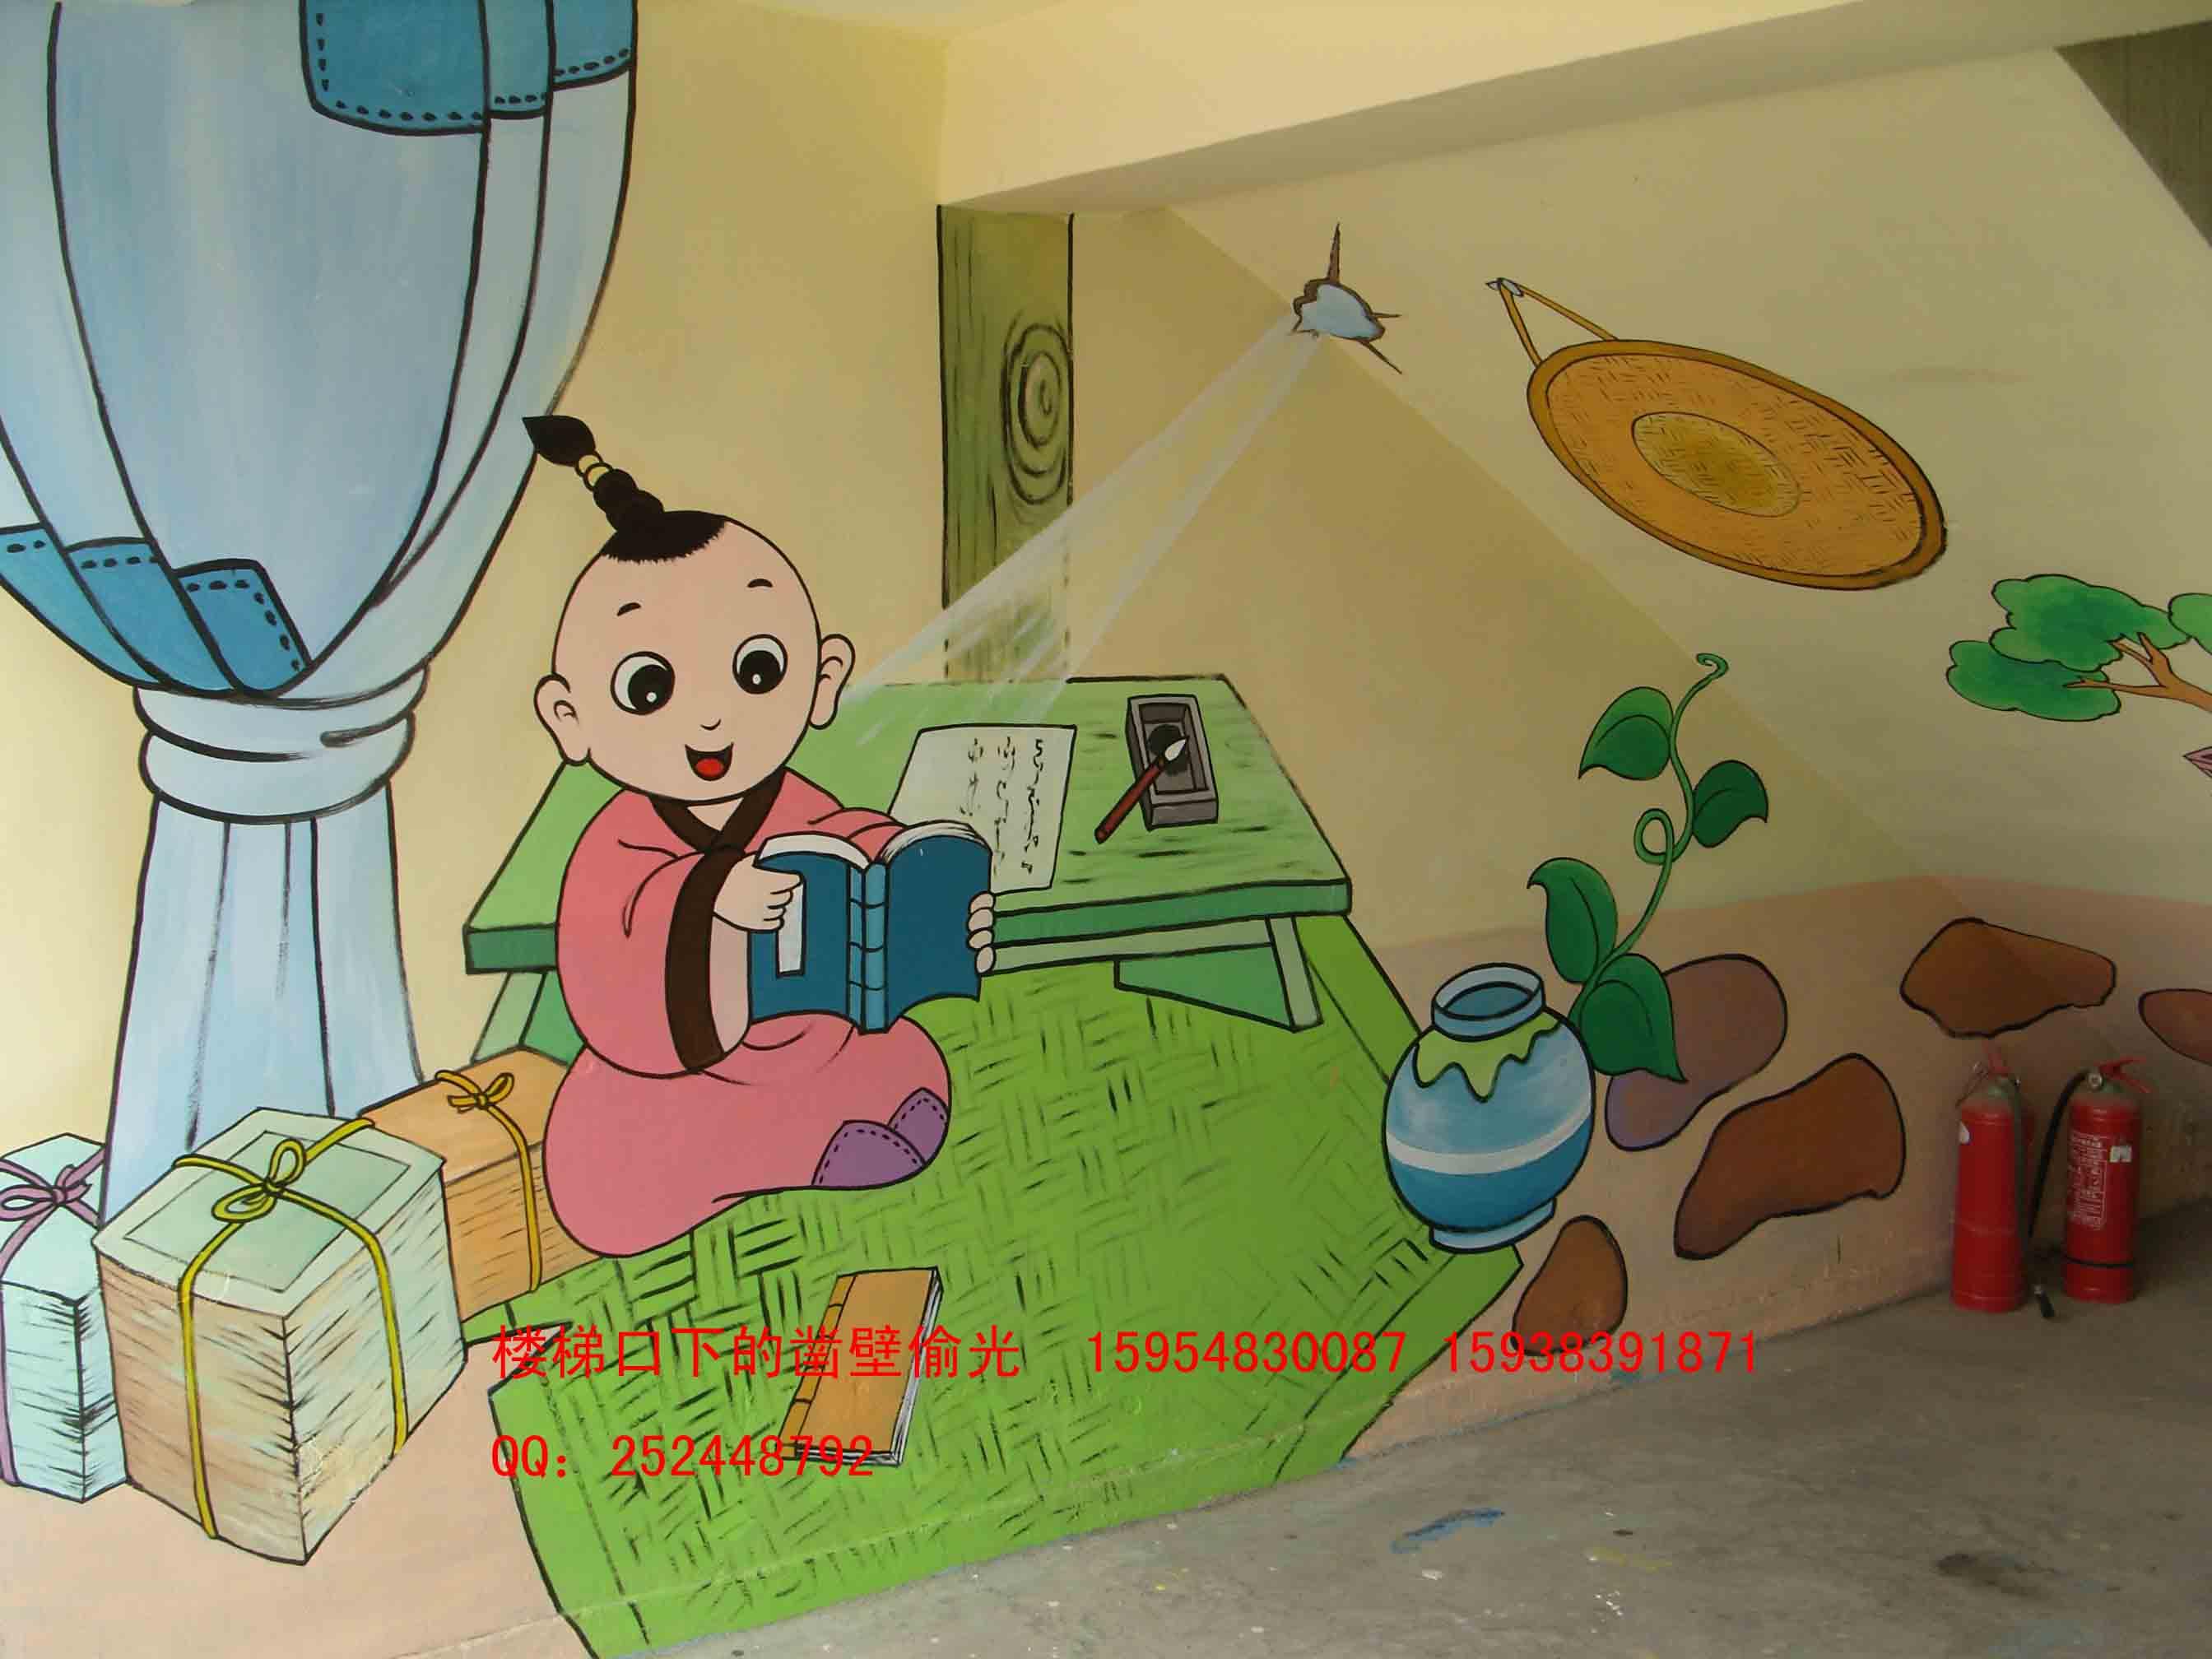 手绘幼儿园国学壁画制作国学挂件墙饰环创